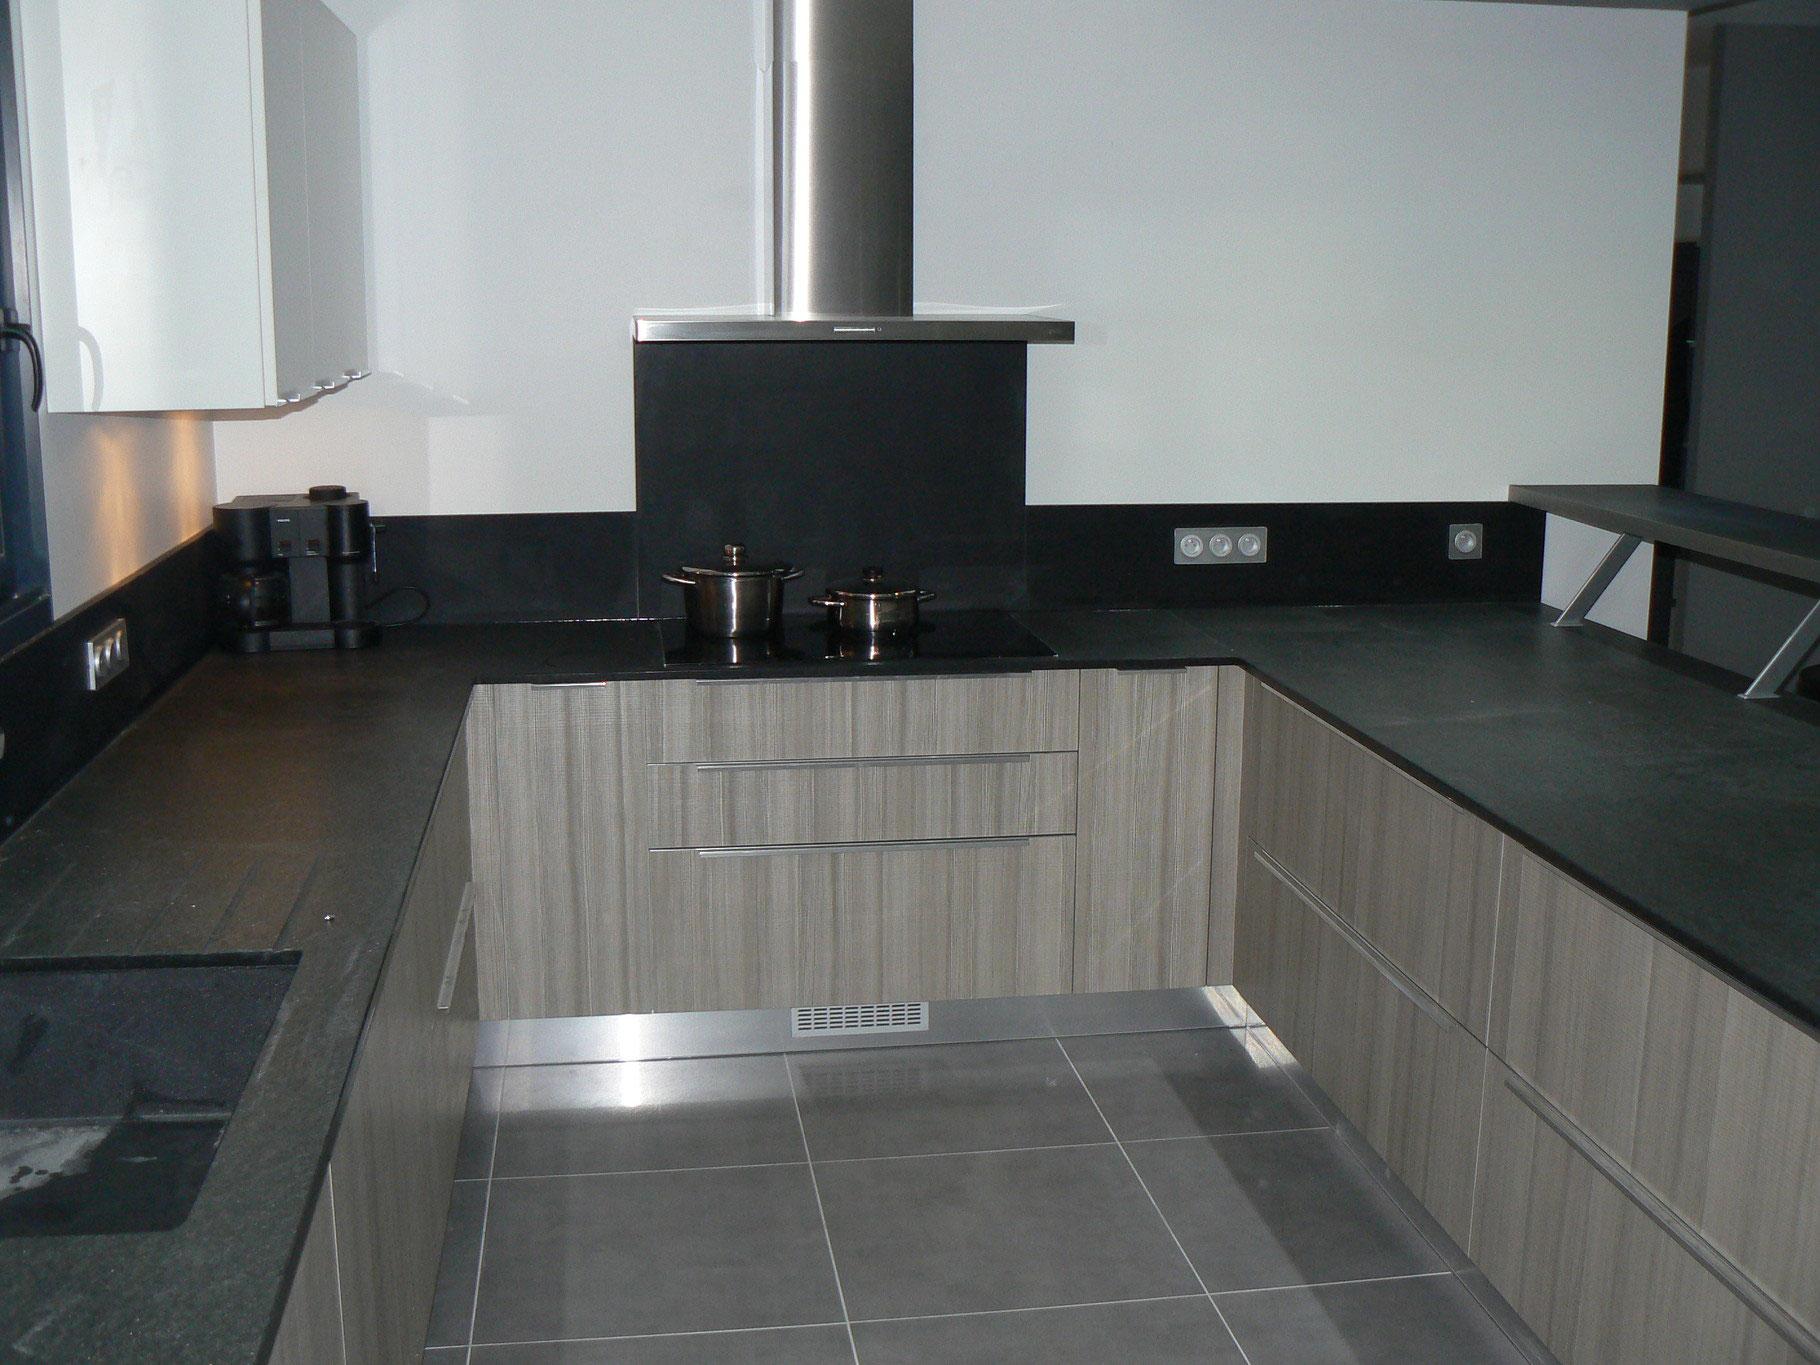 Plan De Travail Cuisine En Granit Noir cuisine contemporaine - cuisines dauzet